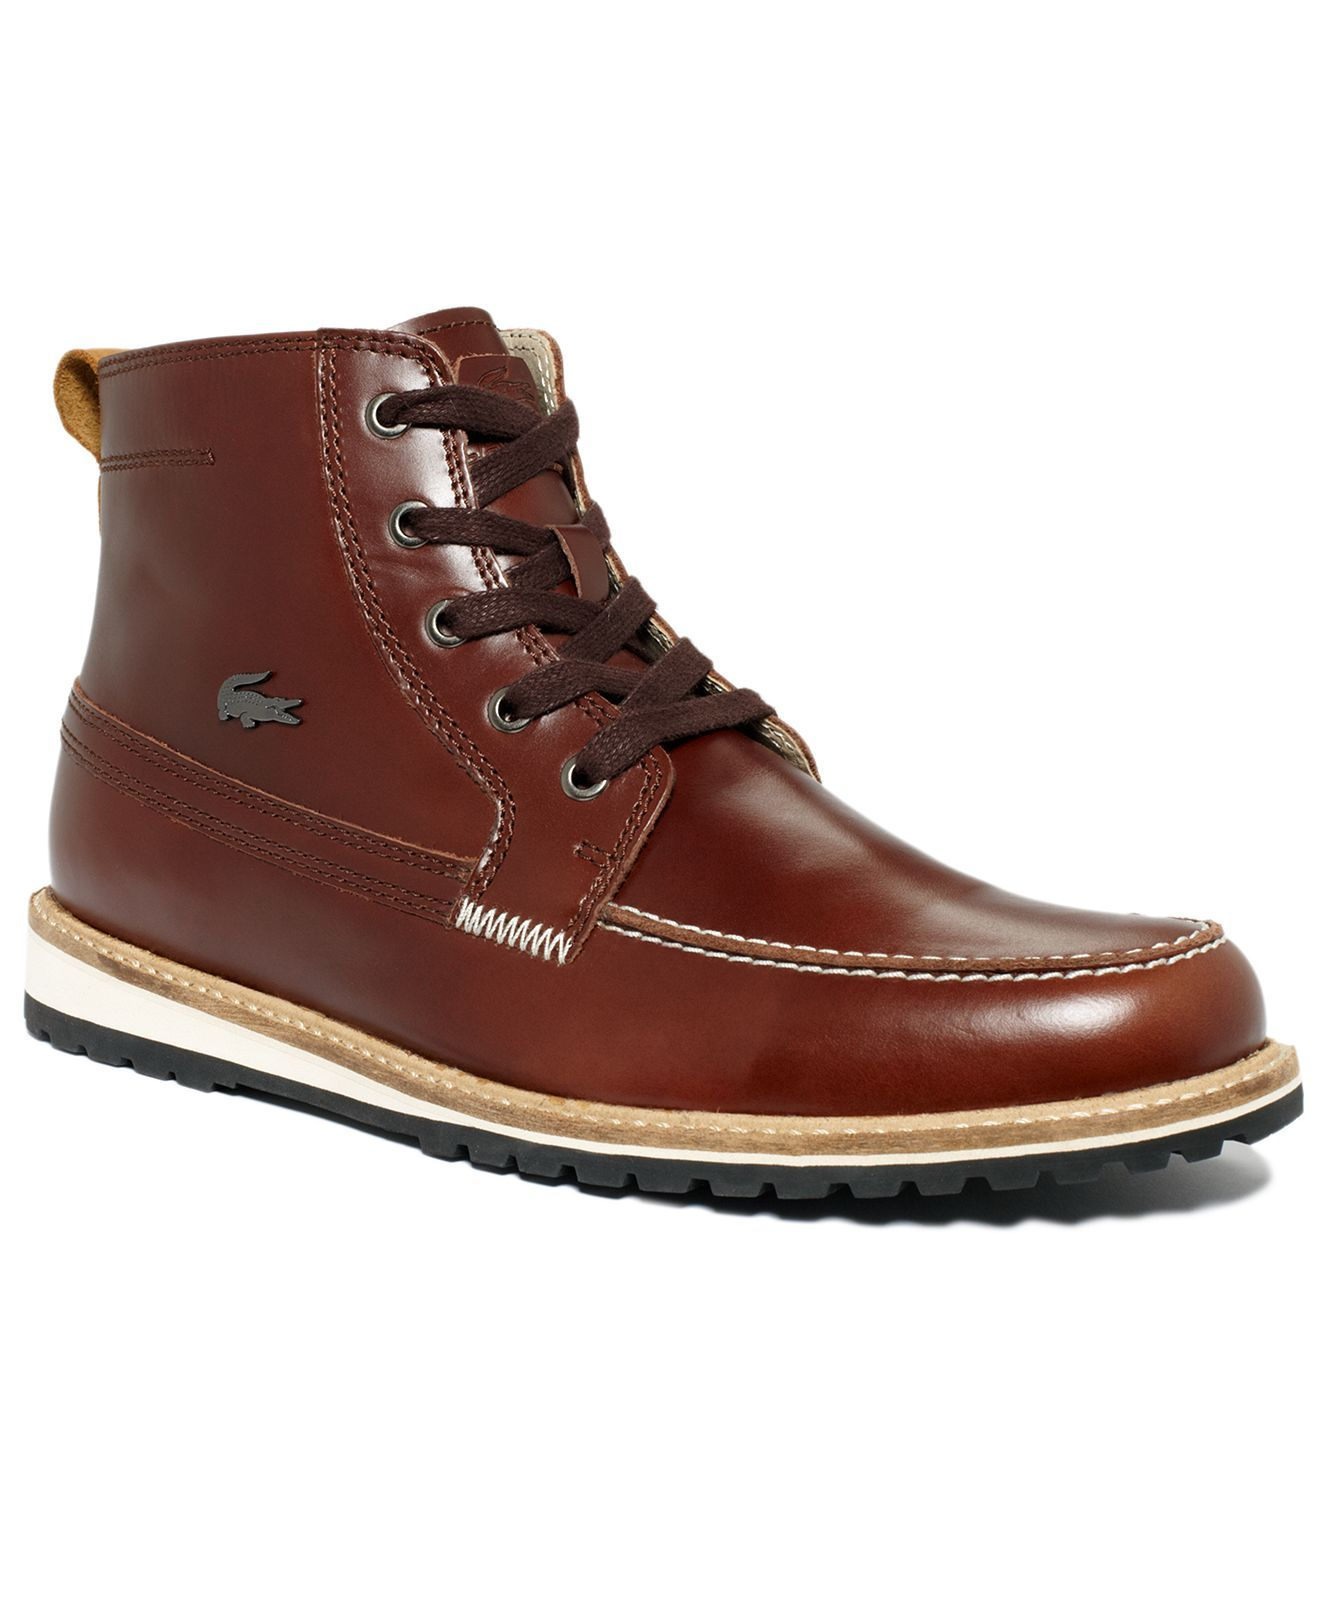 Lacoste Marceau 3 Boots - Shoes - Men